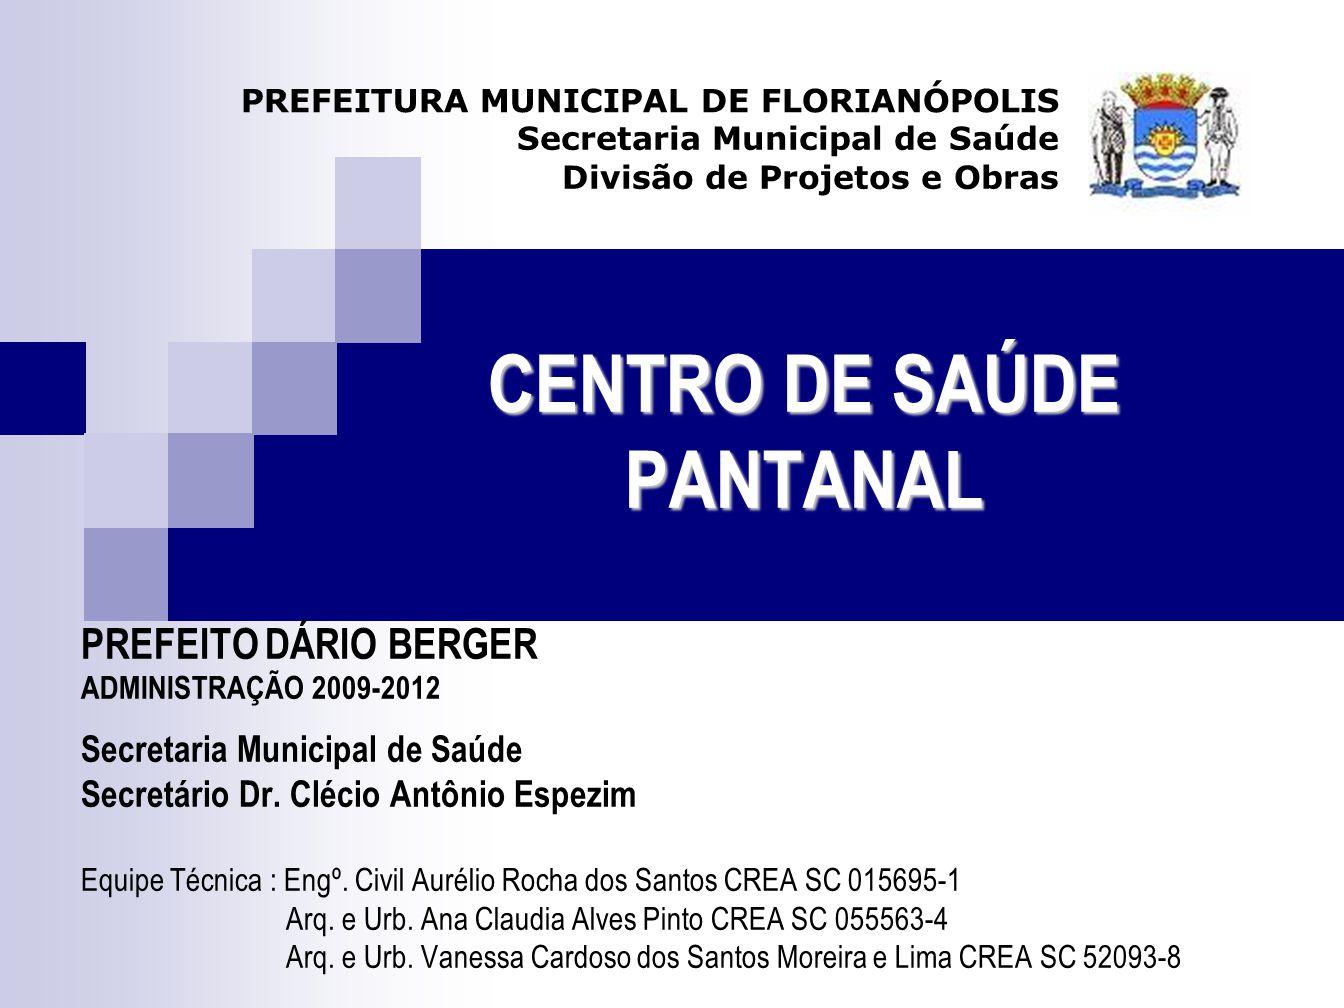 CENTRO DE SAÚDE PANTANAL PREFEITURA MUNICIPAL DE FLORIANÓPOLIS Secretaria Municipal de Saúde Divisão de Projetos e Obras PREFEITO DÁRIO BERGER ADMINIS